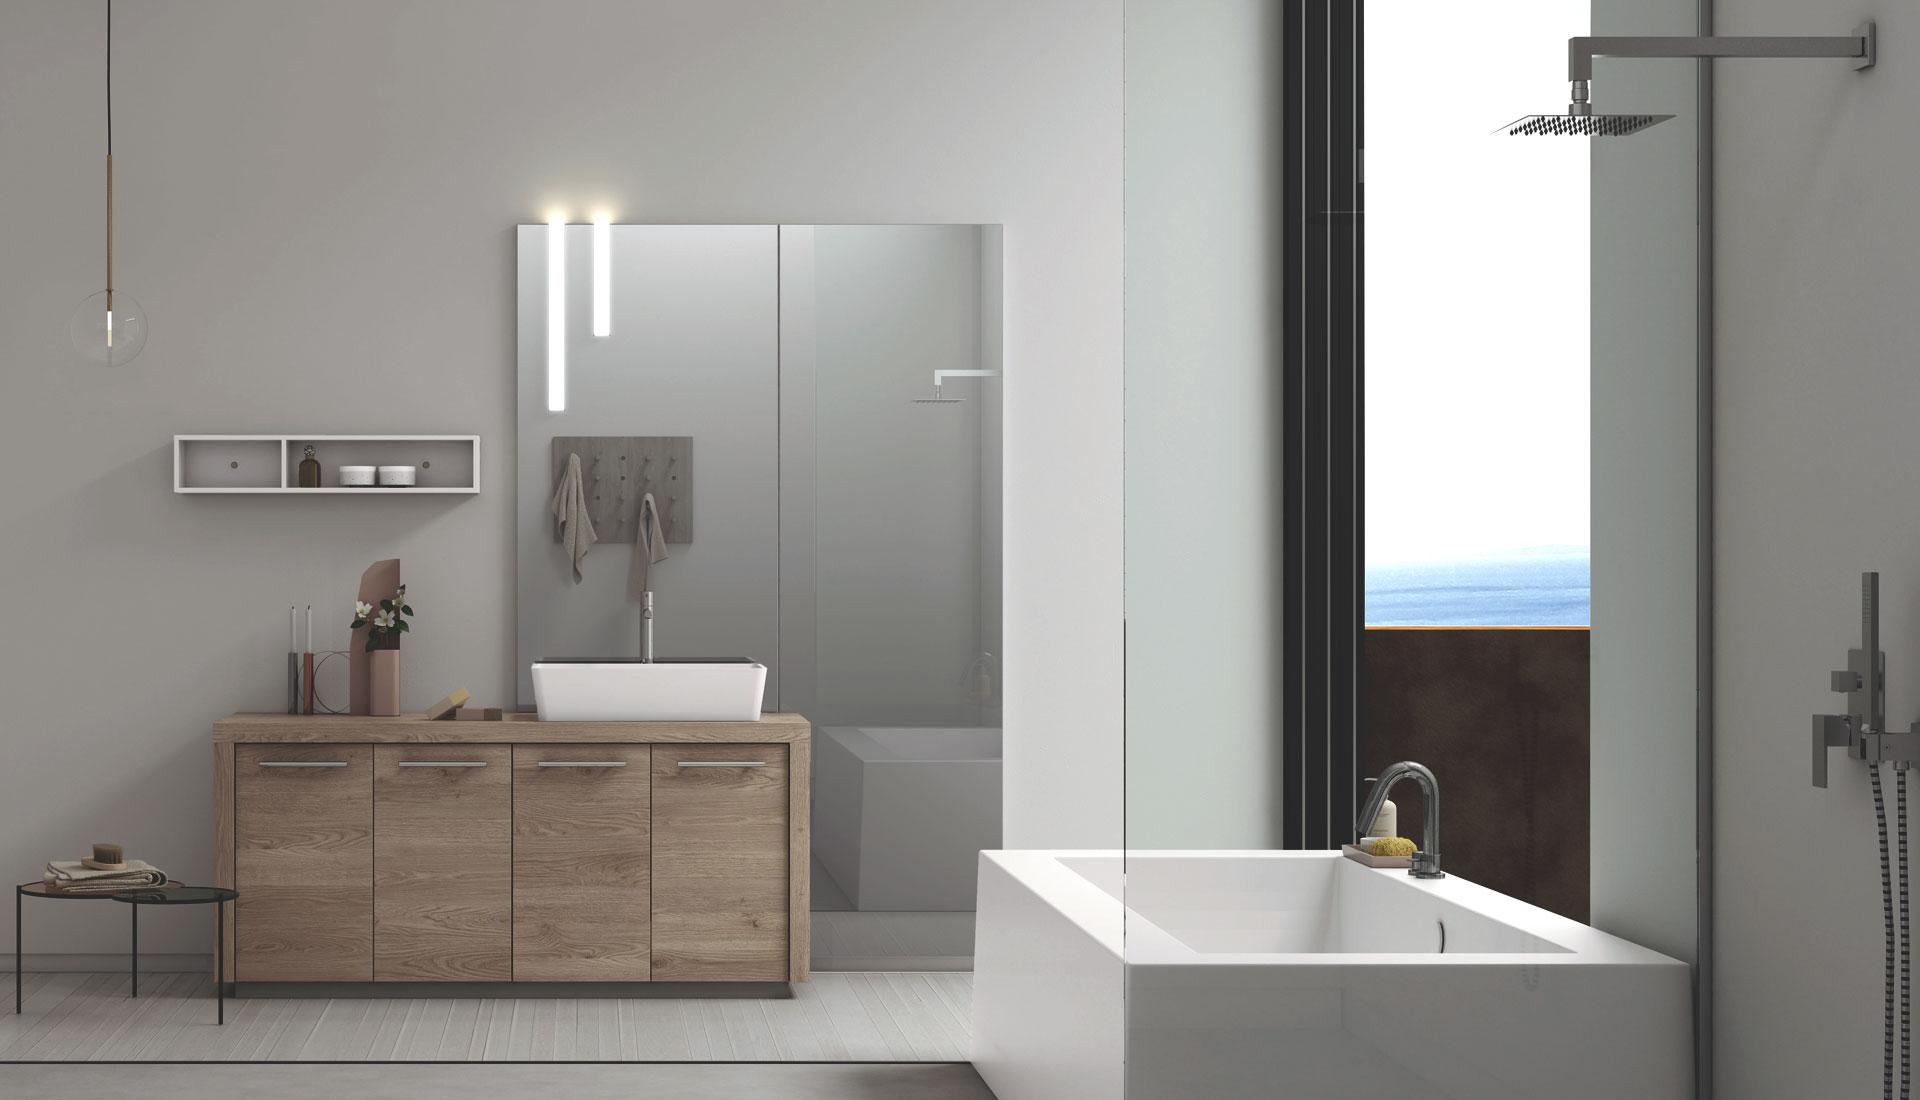 Stunning Arredo Bagno Foggia Ideas - Orna.info - orna.info